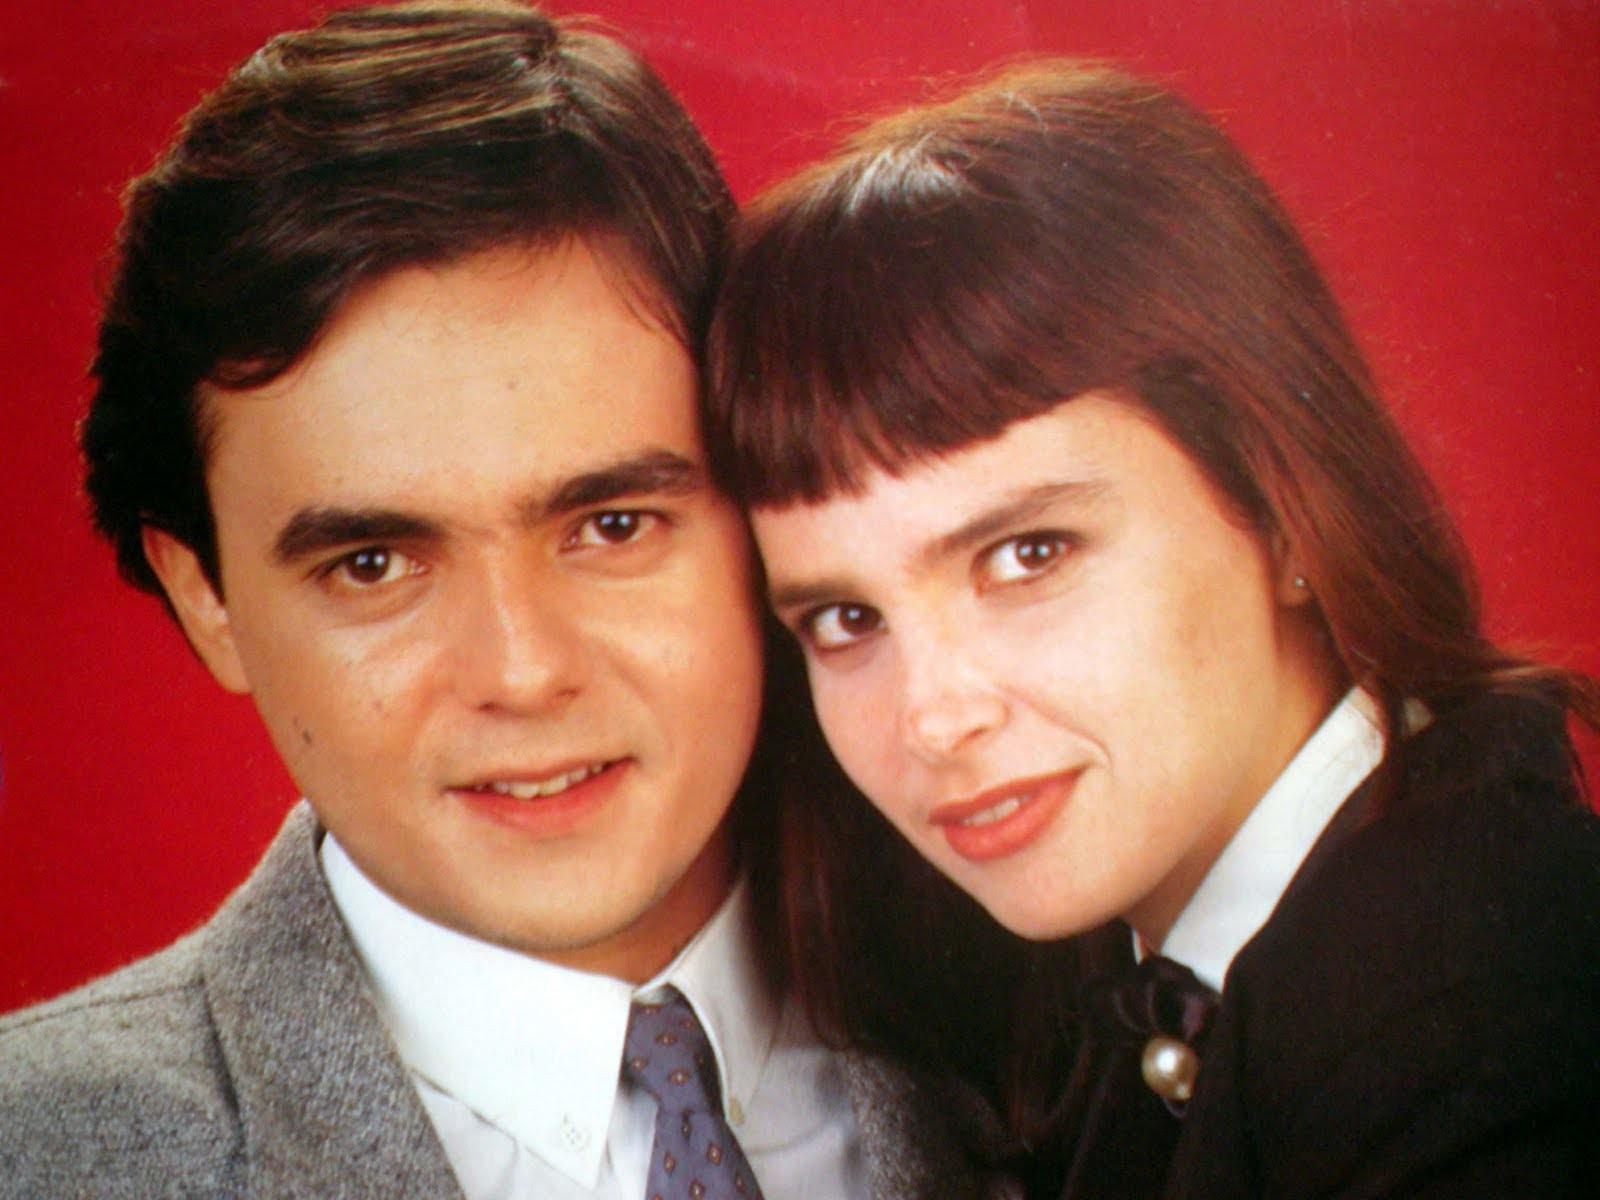 Lídia Brondi e Cássio Gabus Mendes na época de Vale Tudo (1988) (Foto: Divulgação)